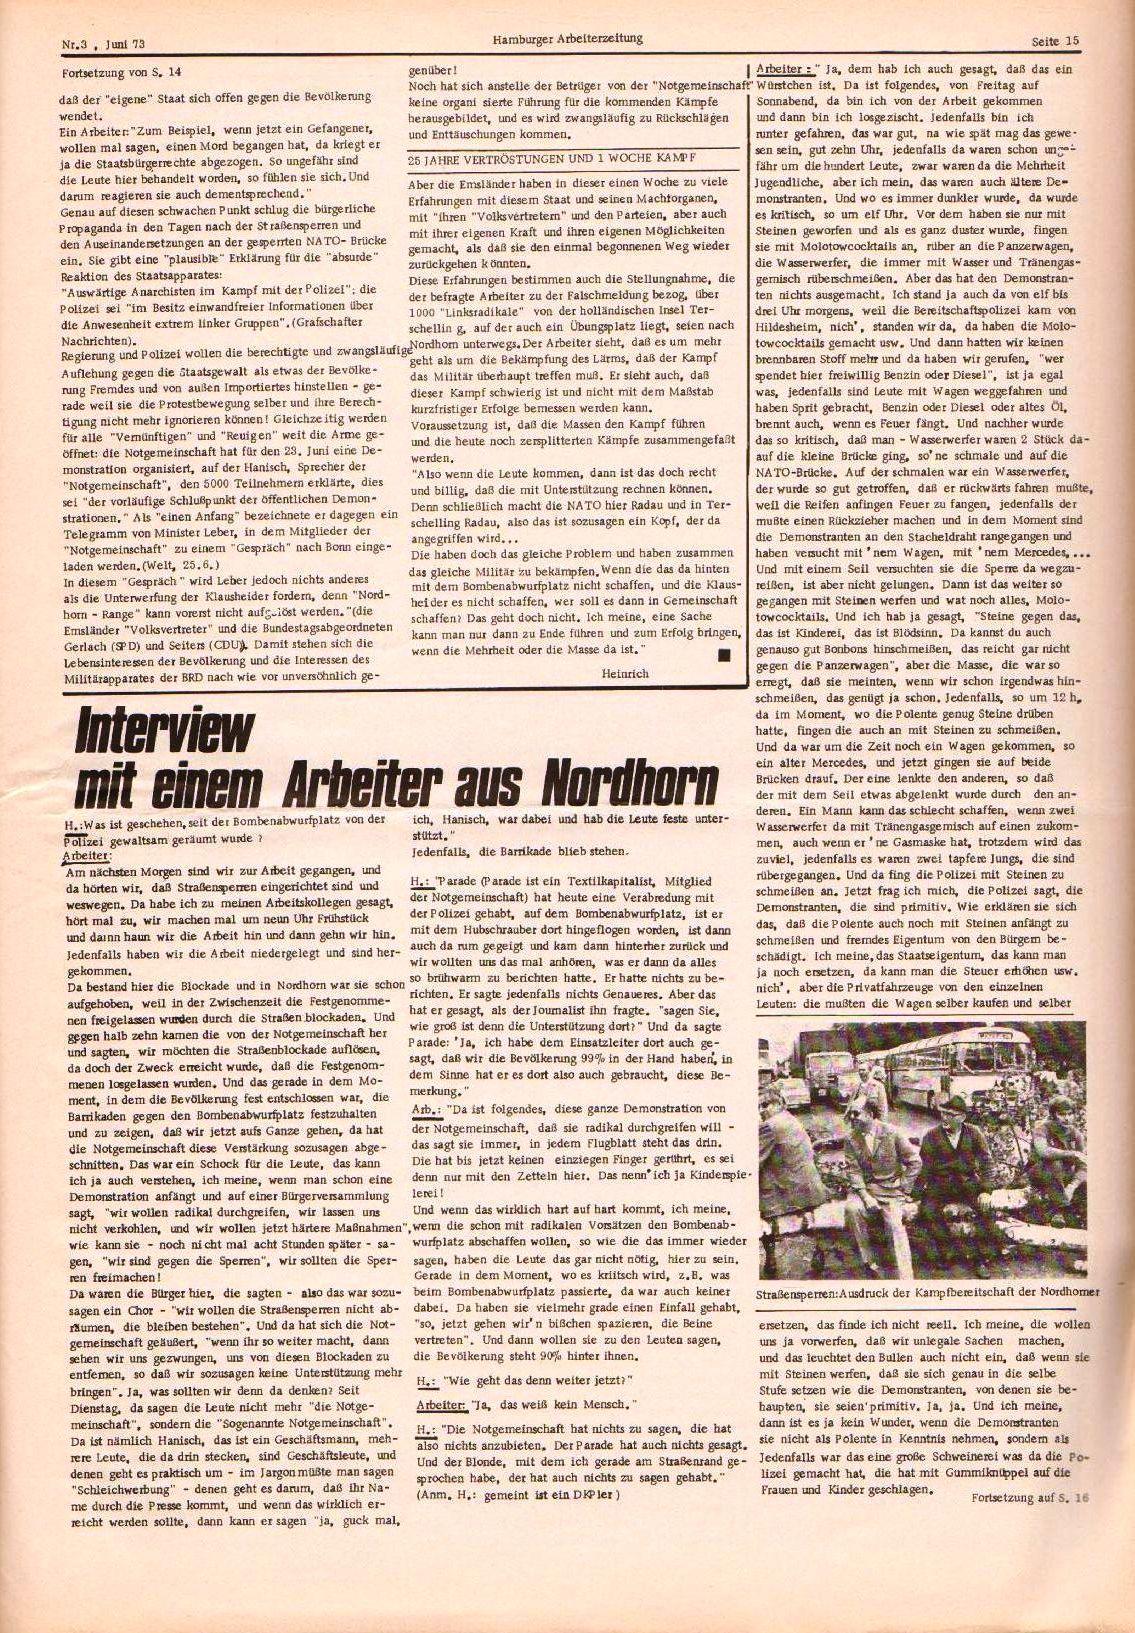 Hamburger_Arbeiterzeitung063